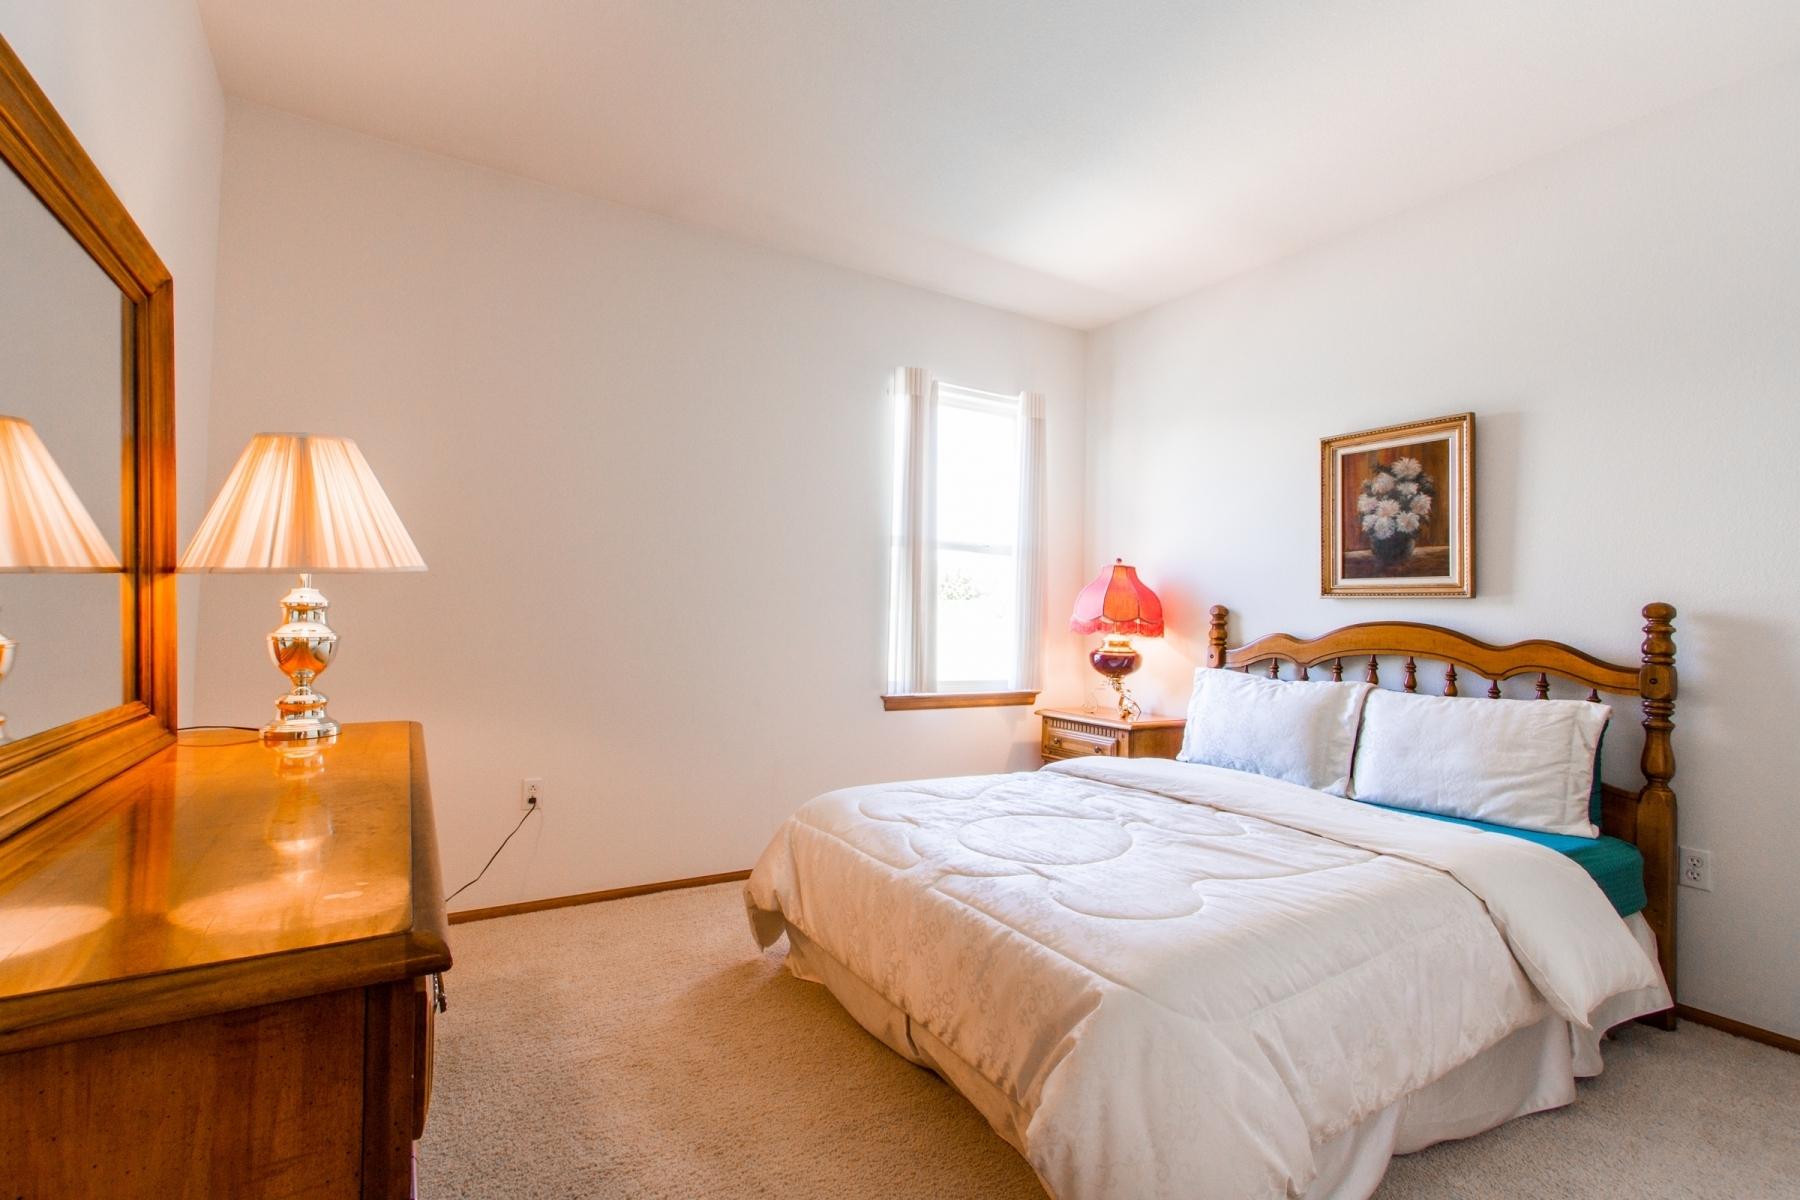 Bedroom-Two_1800x1200_2794100.jpg